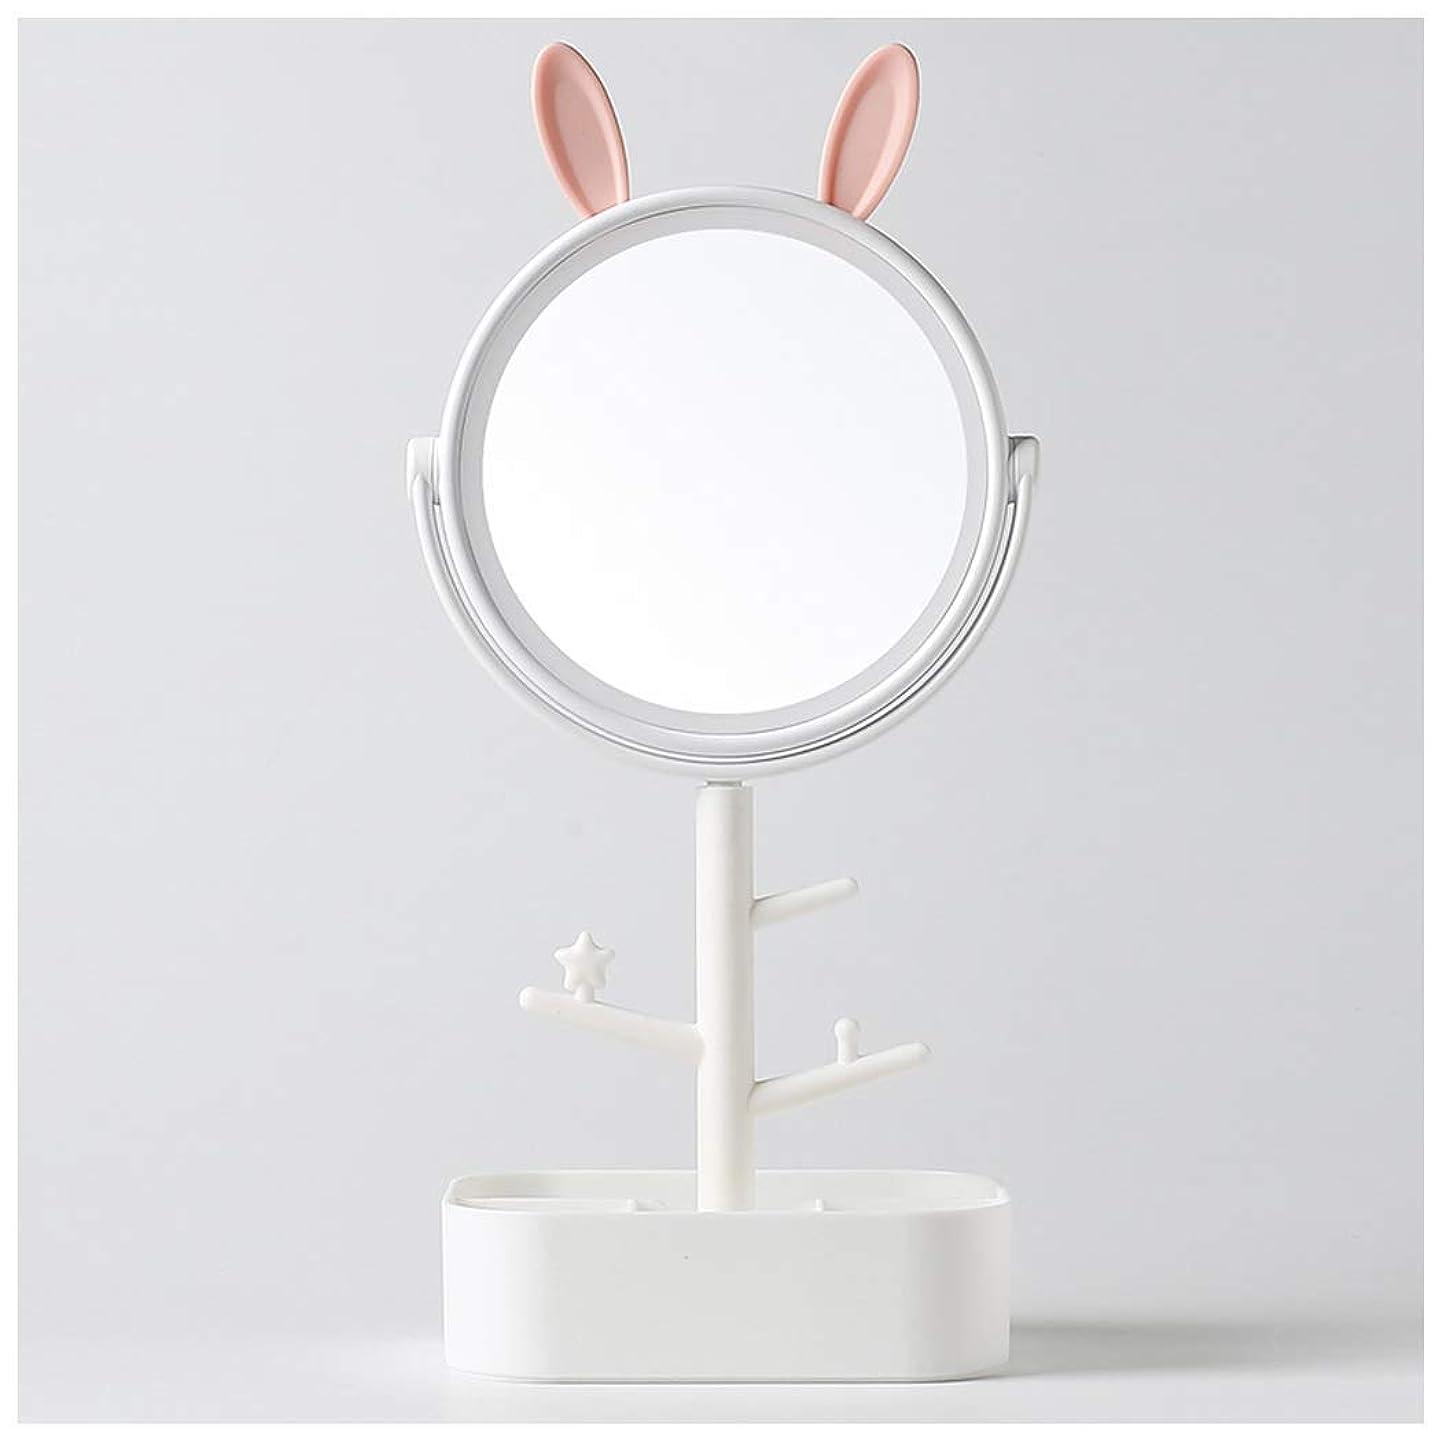 多様な取り除く後化粧鏡は白熱収納箱を導いた多機能のデスクトップの創造性のギフトの女の子の寮の部屋の虚栄心ミラーのタッチ画面の薄暗くなる(色:白)